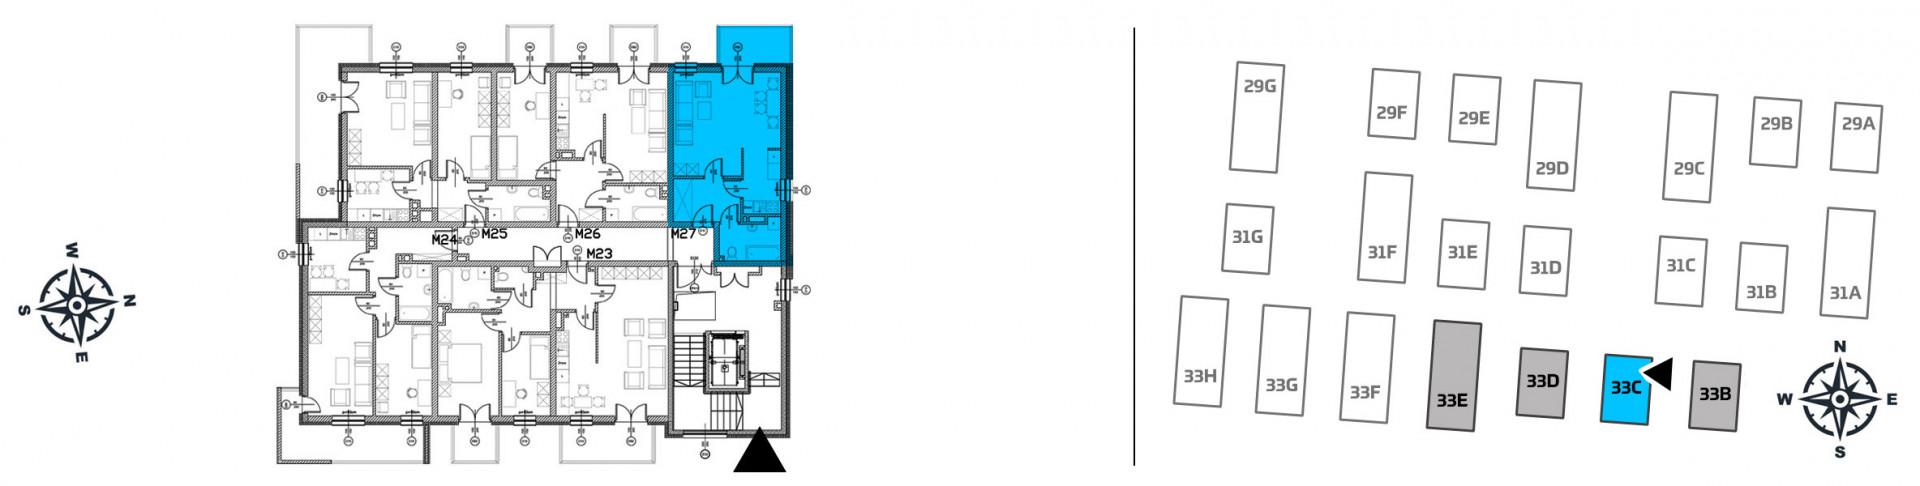 Mieszkanie jednopokojowe 33C/27 rzut 2